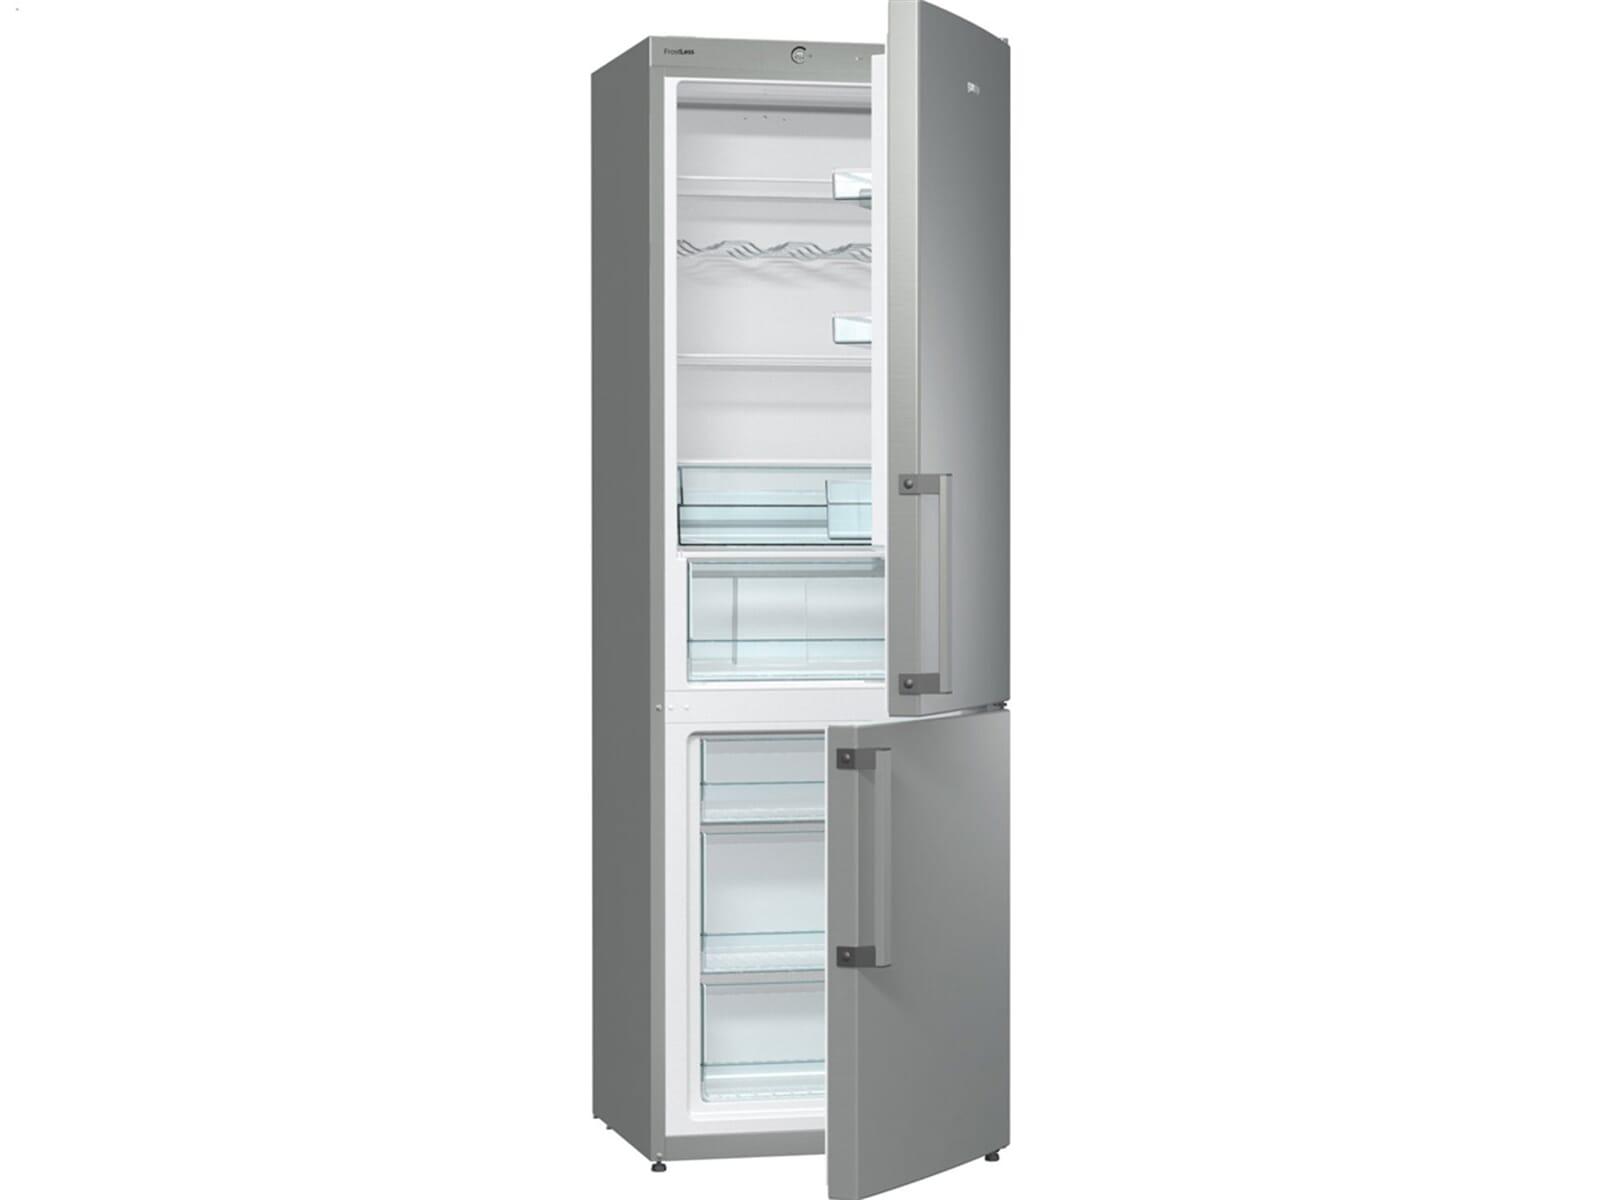 Gorenje Kühlschrank Retro Abtauen : Gorenje rk ex kühl gefrierkombination edelstahl